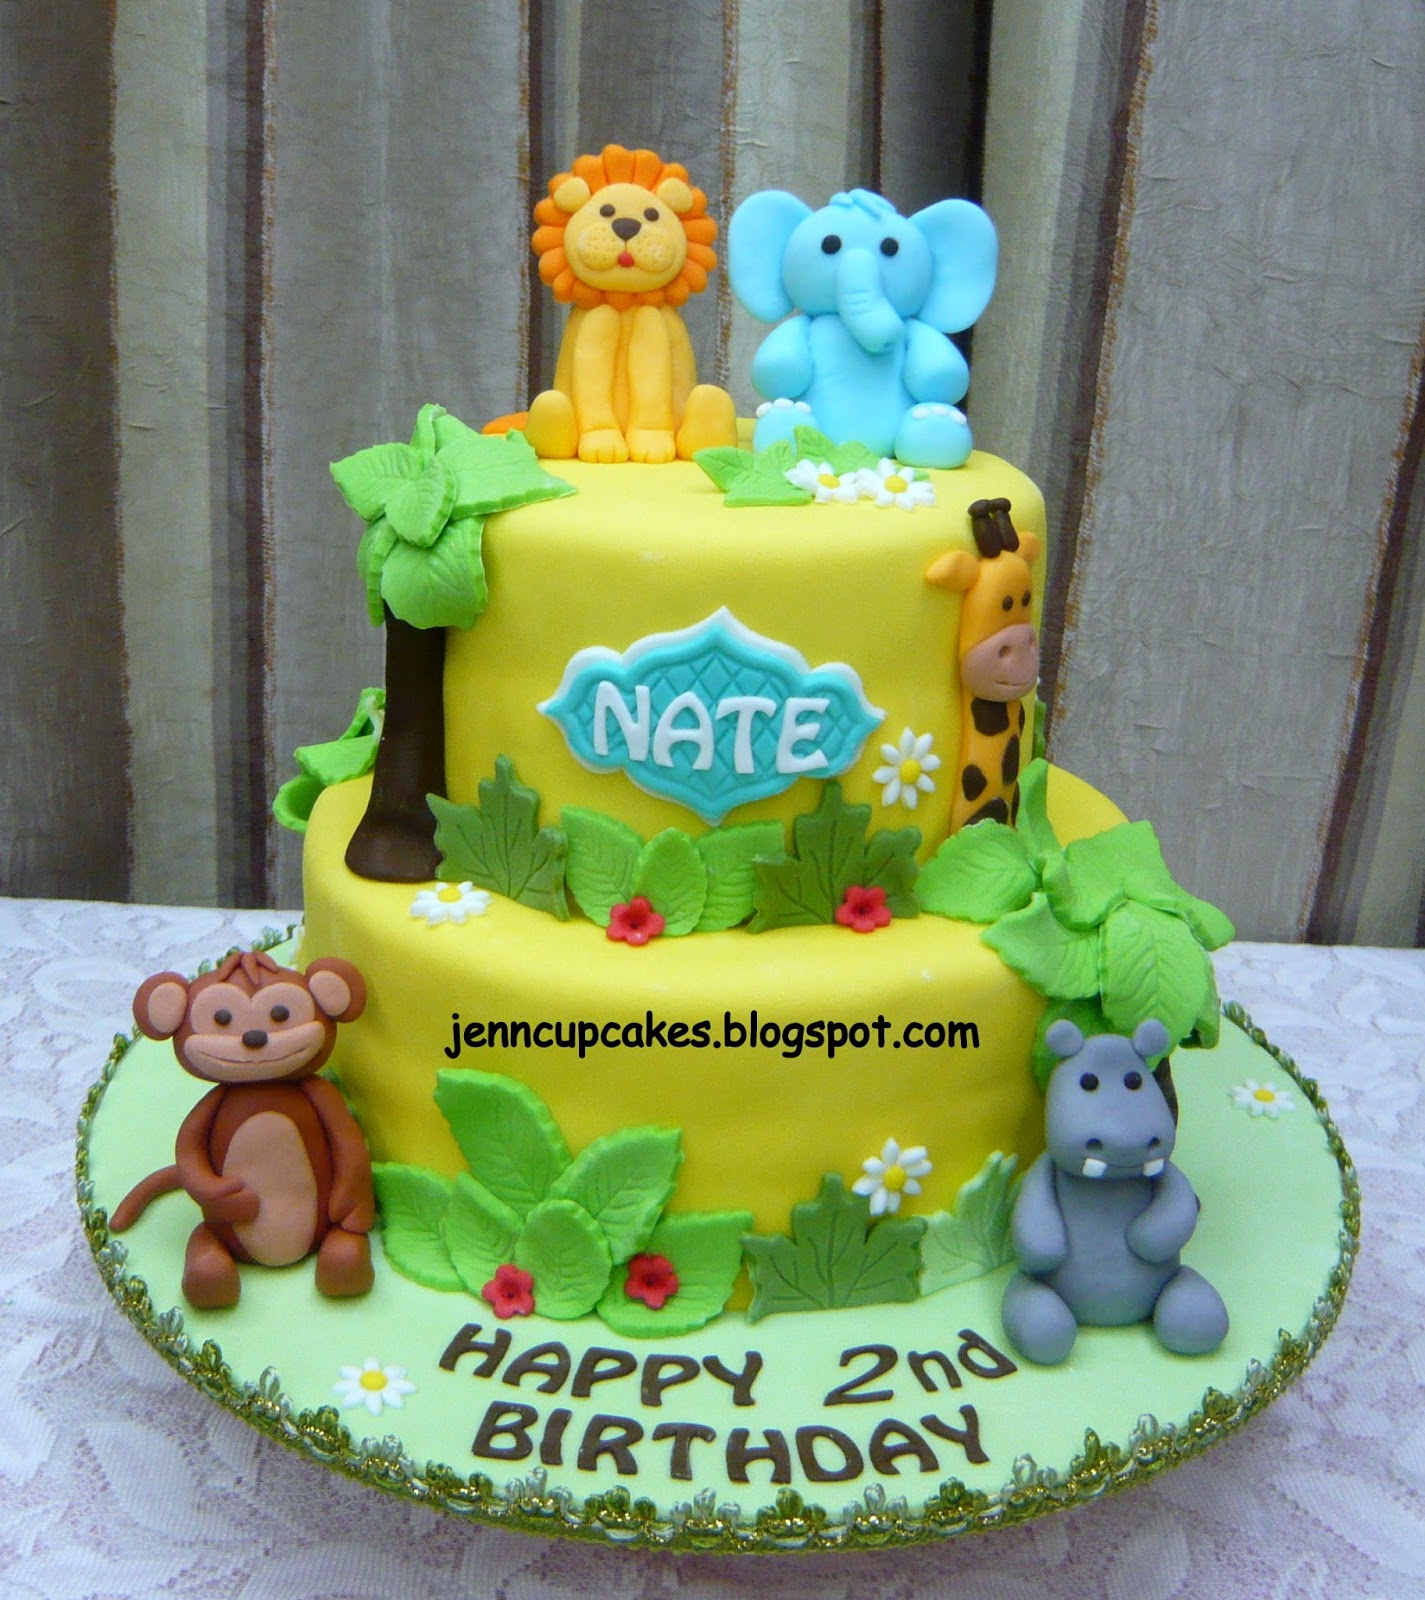 Jenn Cupcakes Muffins Jungle Theme Cake